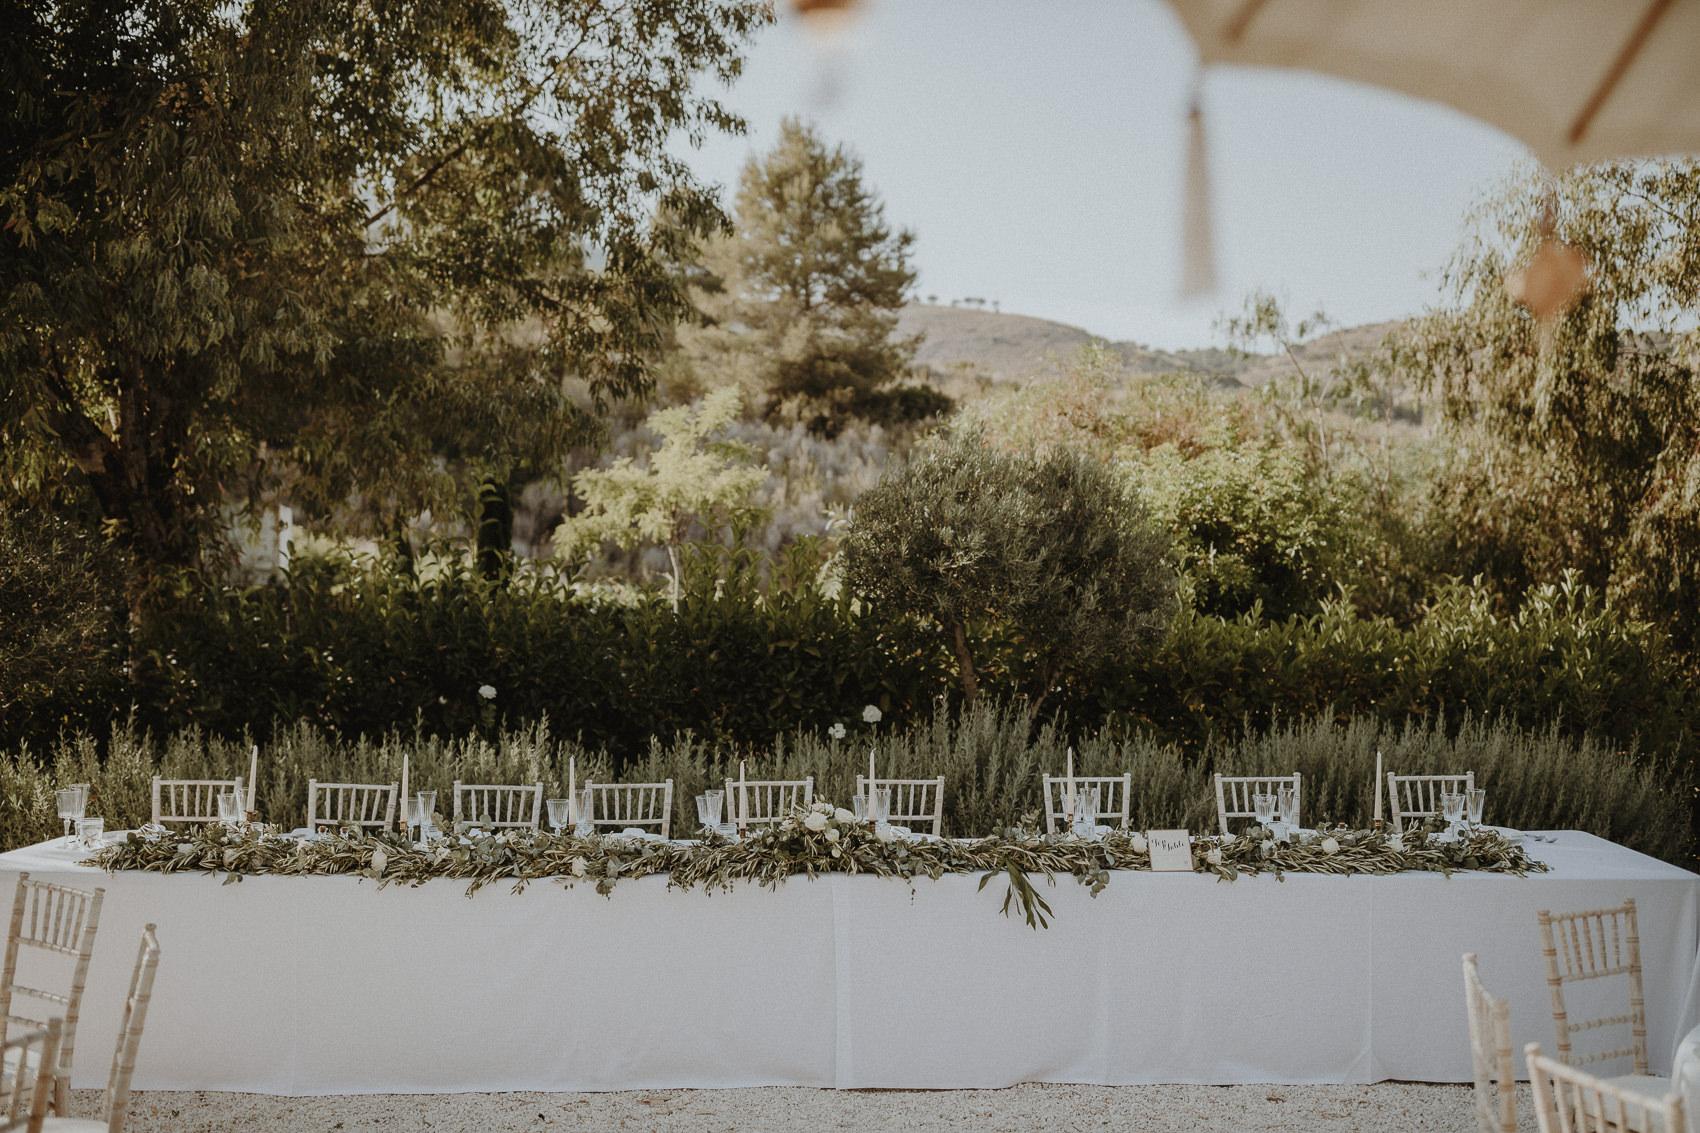 Sarah & Bill | Summer wedding at Cortijo Rosa Blanca | Marbella - Spain 113